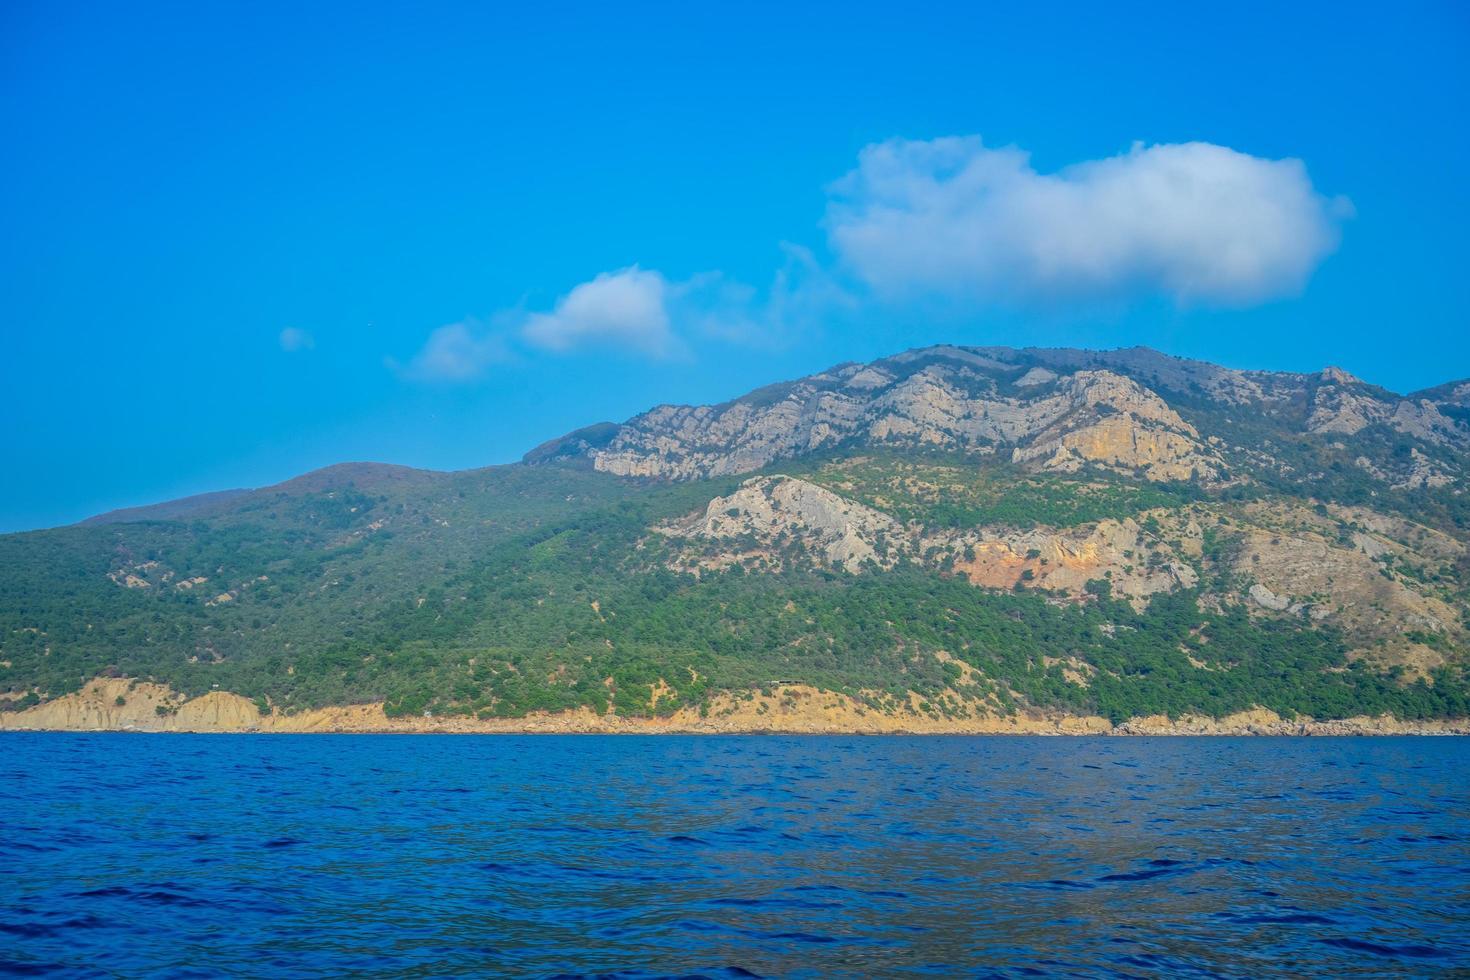 marinmålning med utsikt över bergen nära kusten. foto